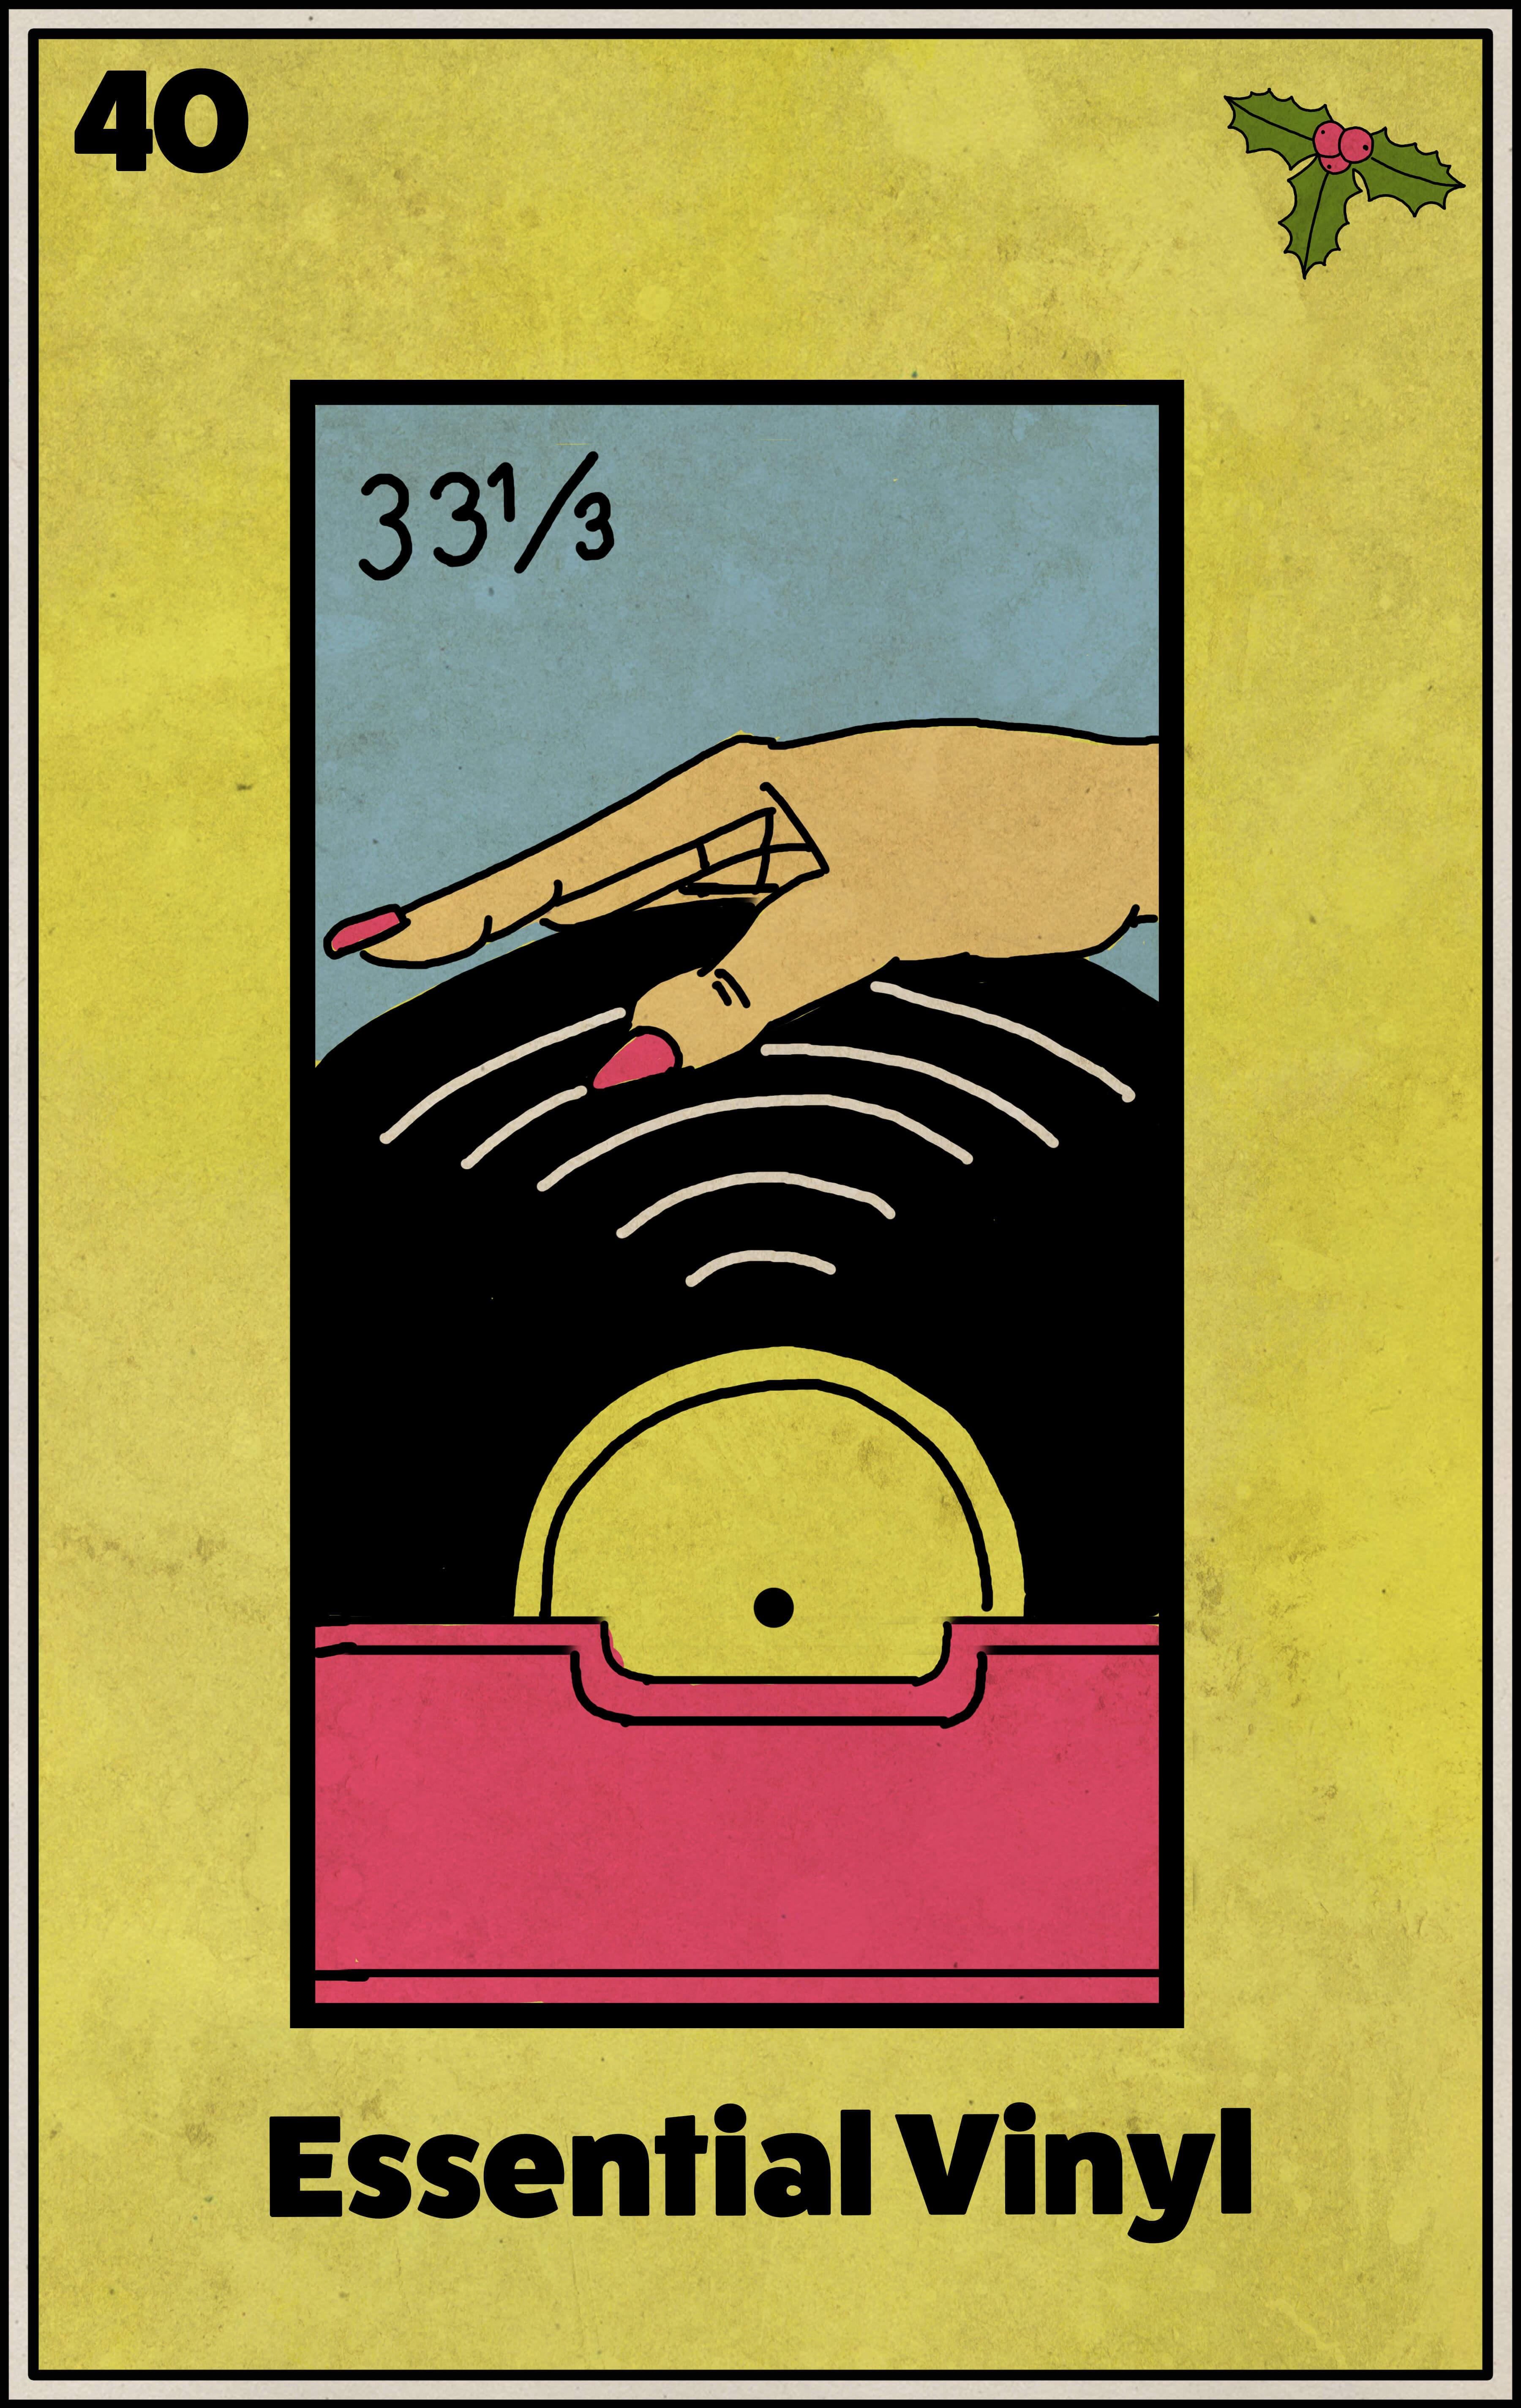 Essential Vinyl